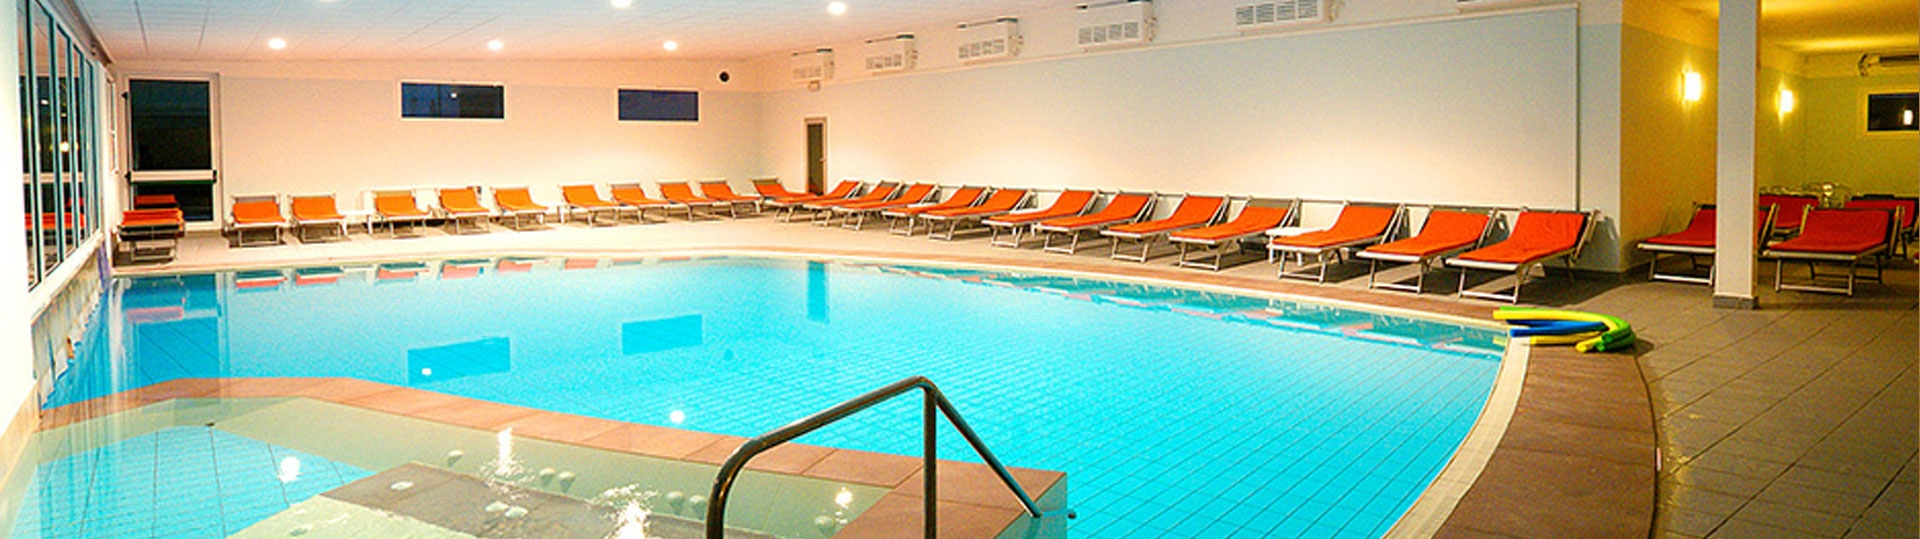 Abano terme hotel columbia terme for Abano terme piscine